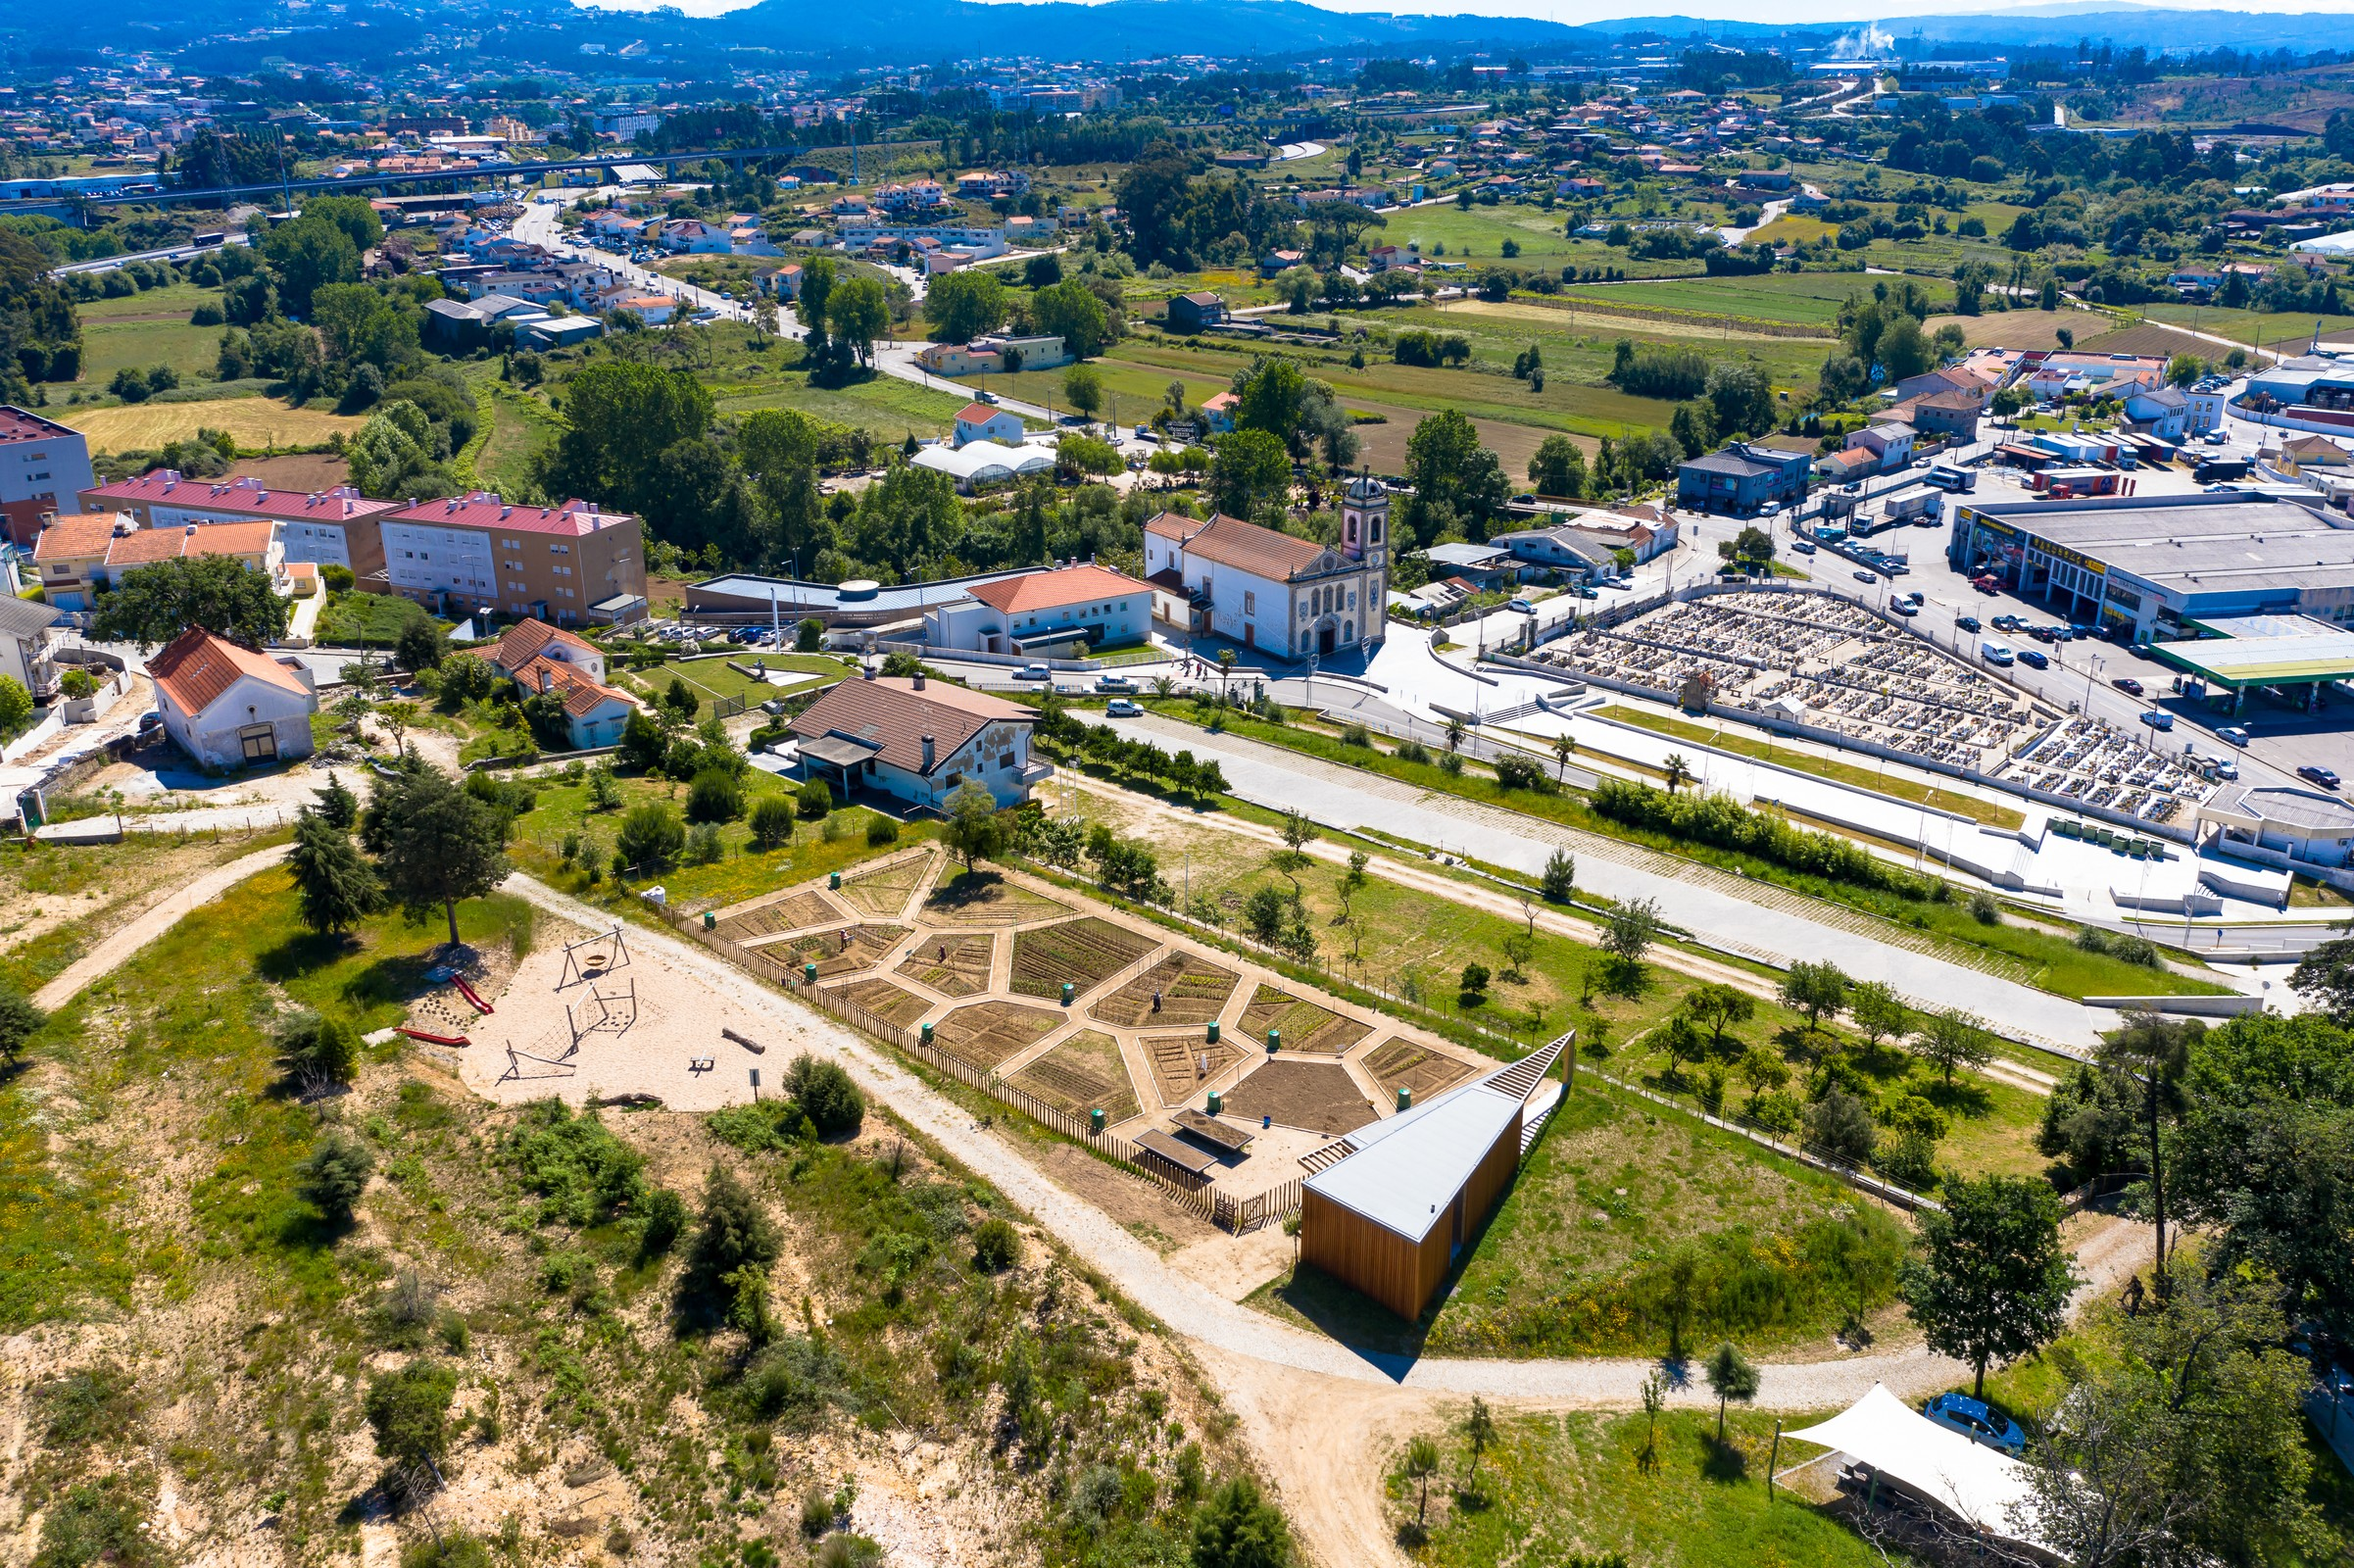 Inauguração do Parque da Quinta do Passal | CM Valongo